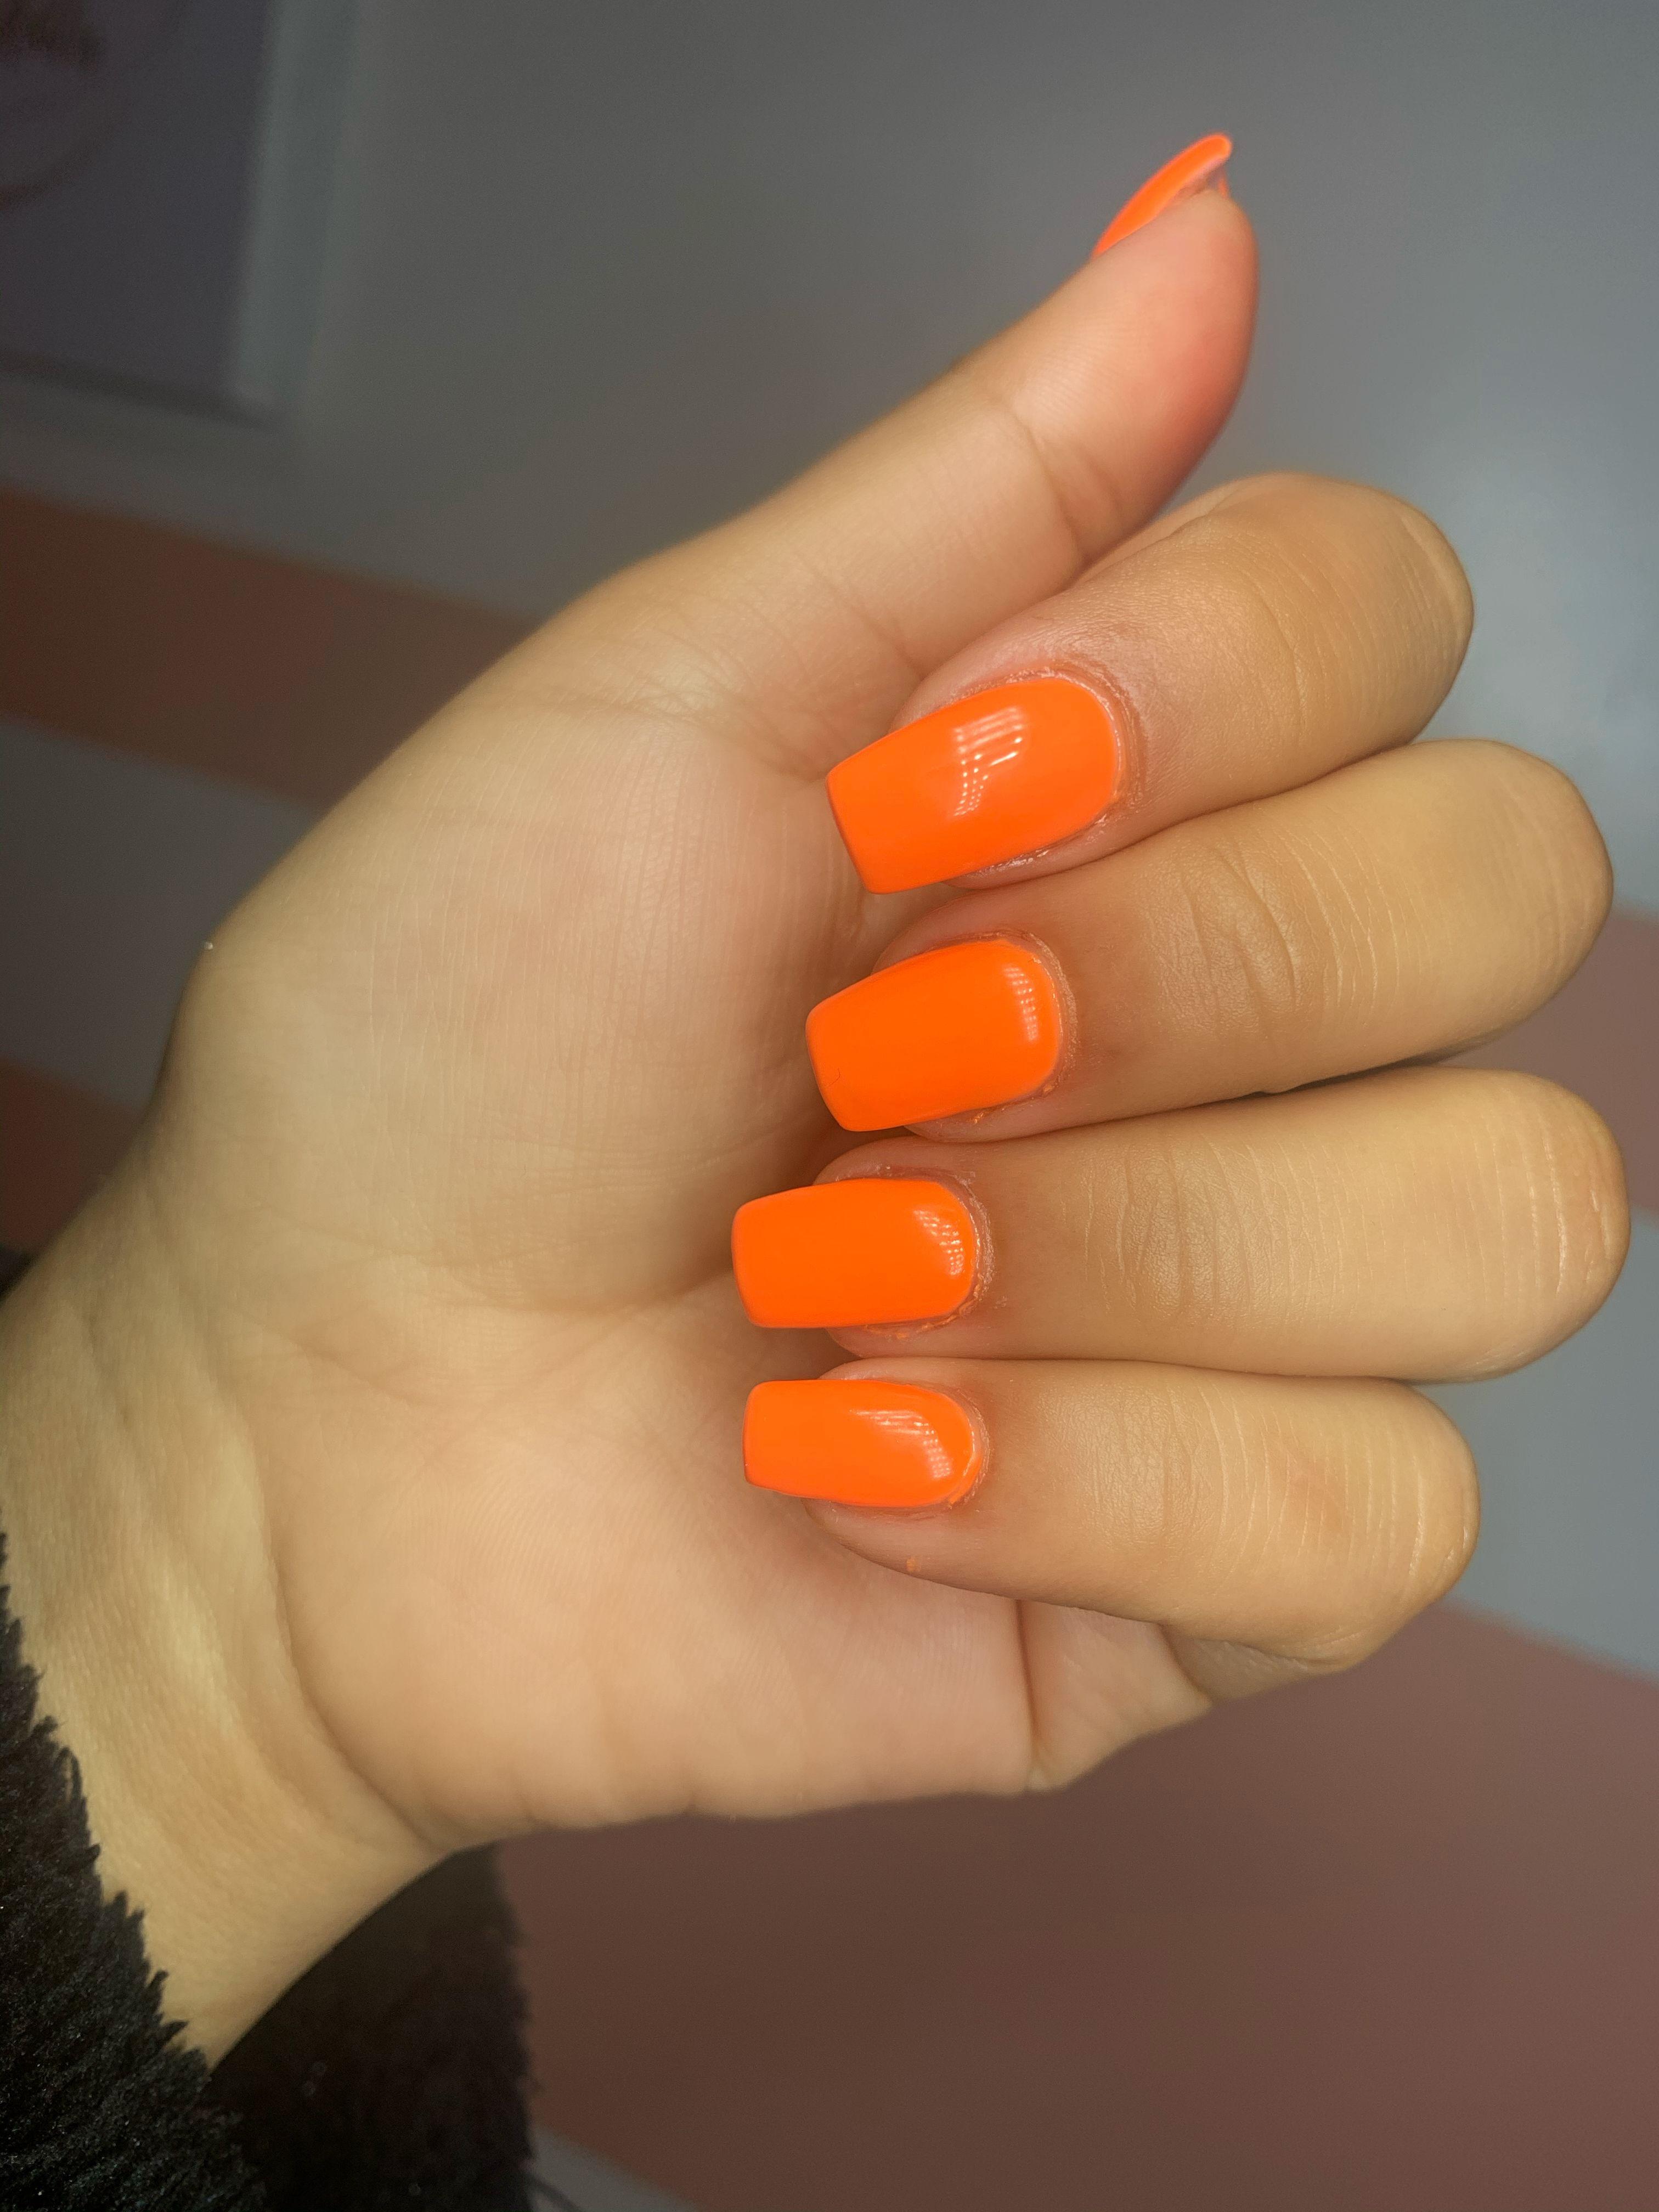 Unas En Color Anaranjado Color Anaranjado Unas Bonitas Unas Want to discover art related to zanahoria? unas en color anaranjado color